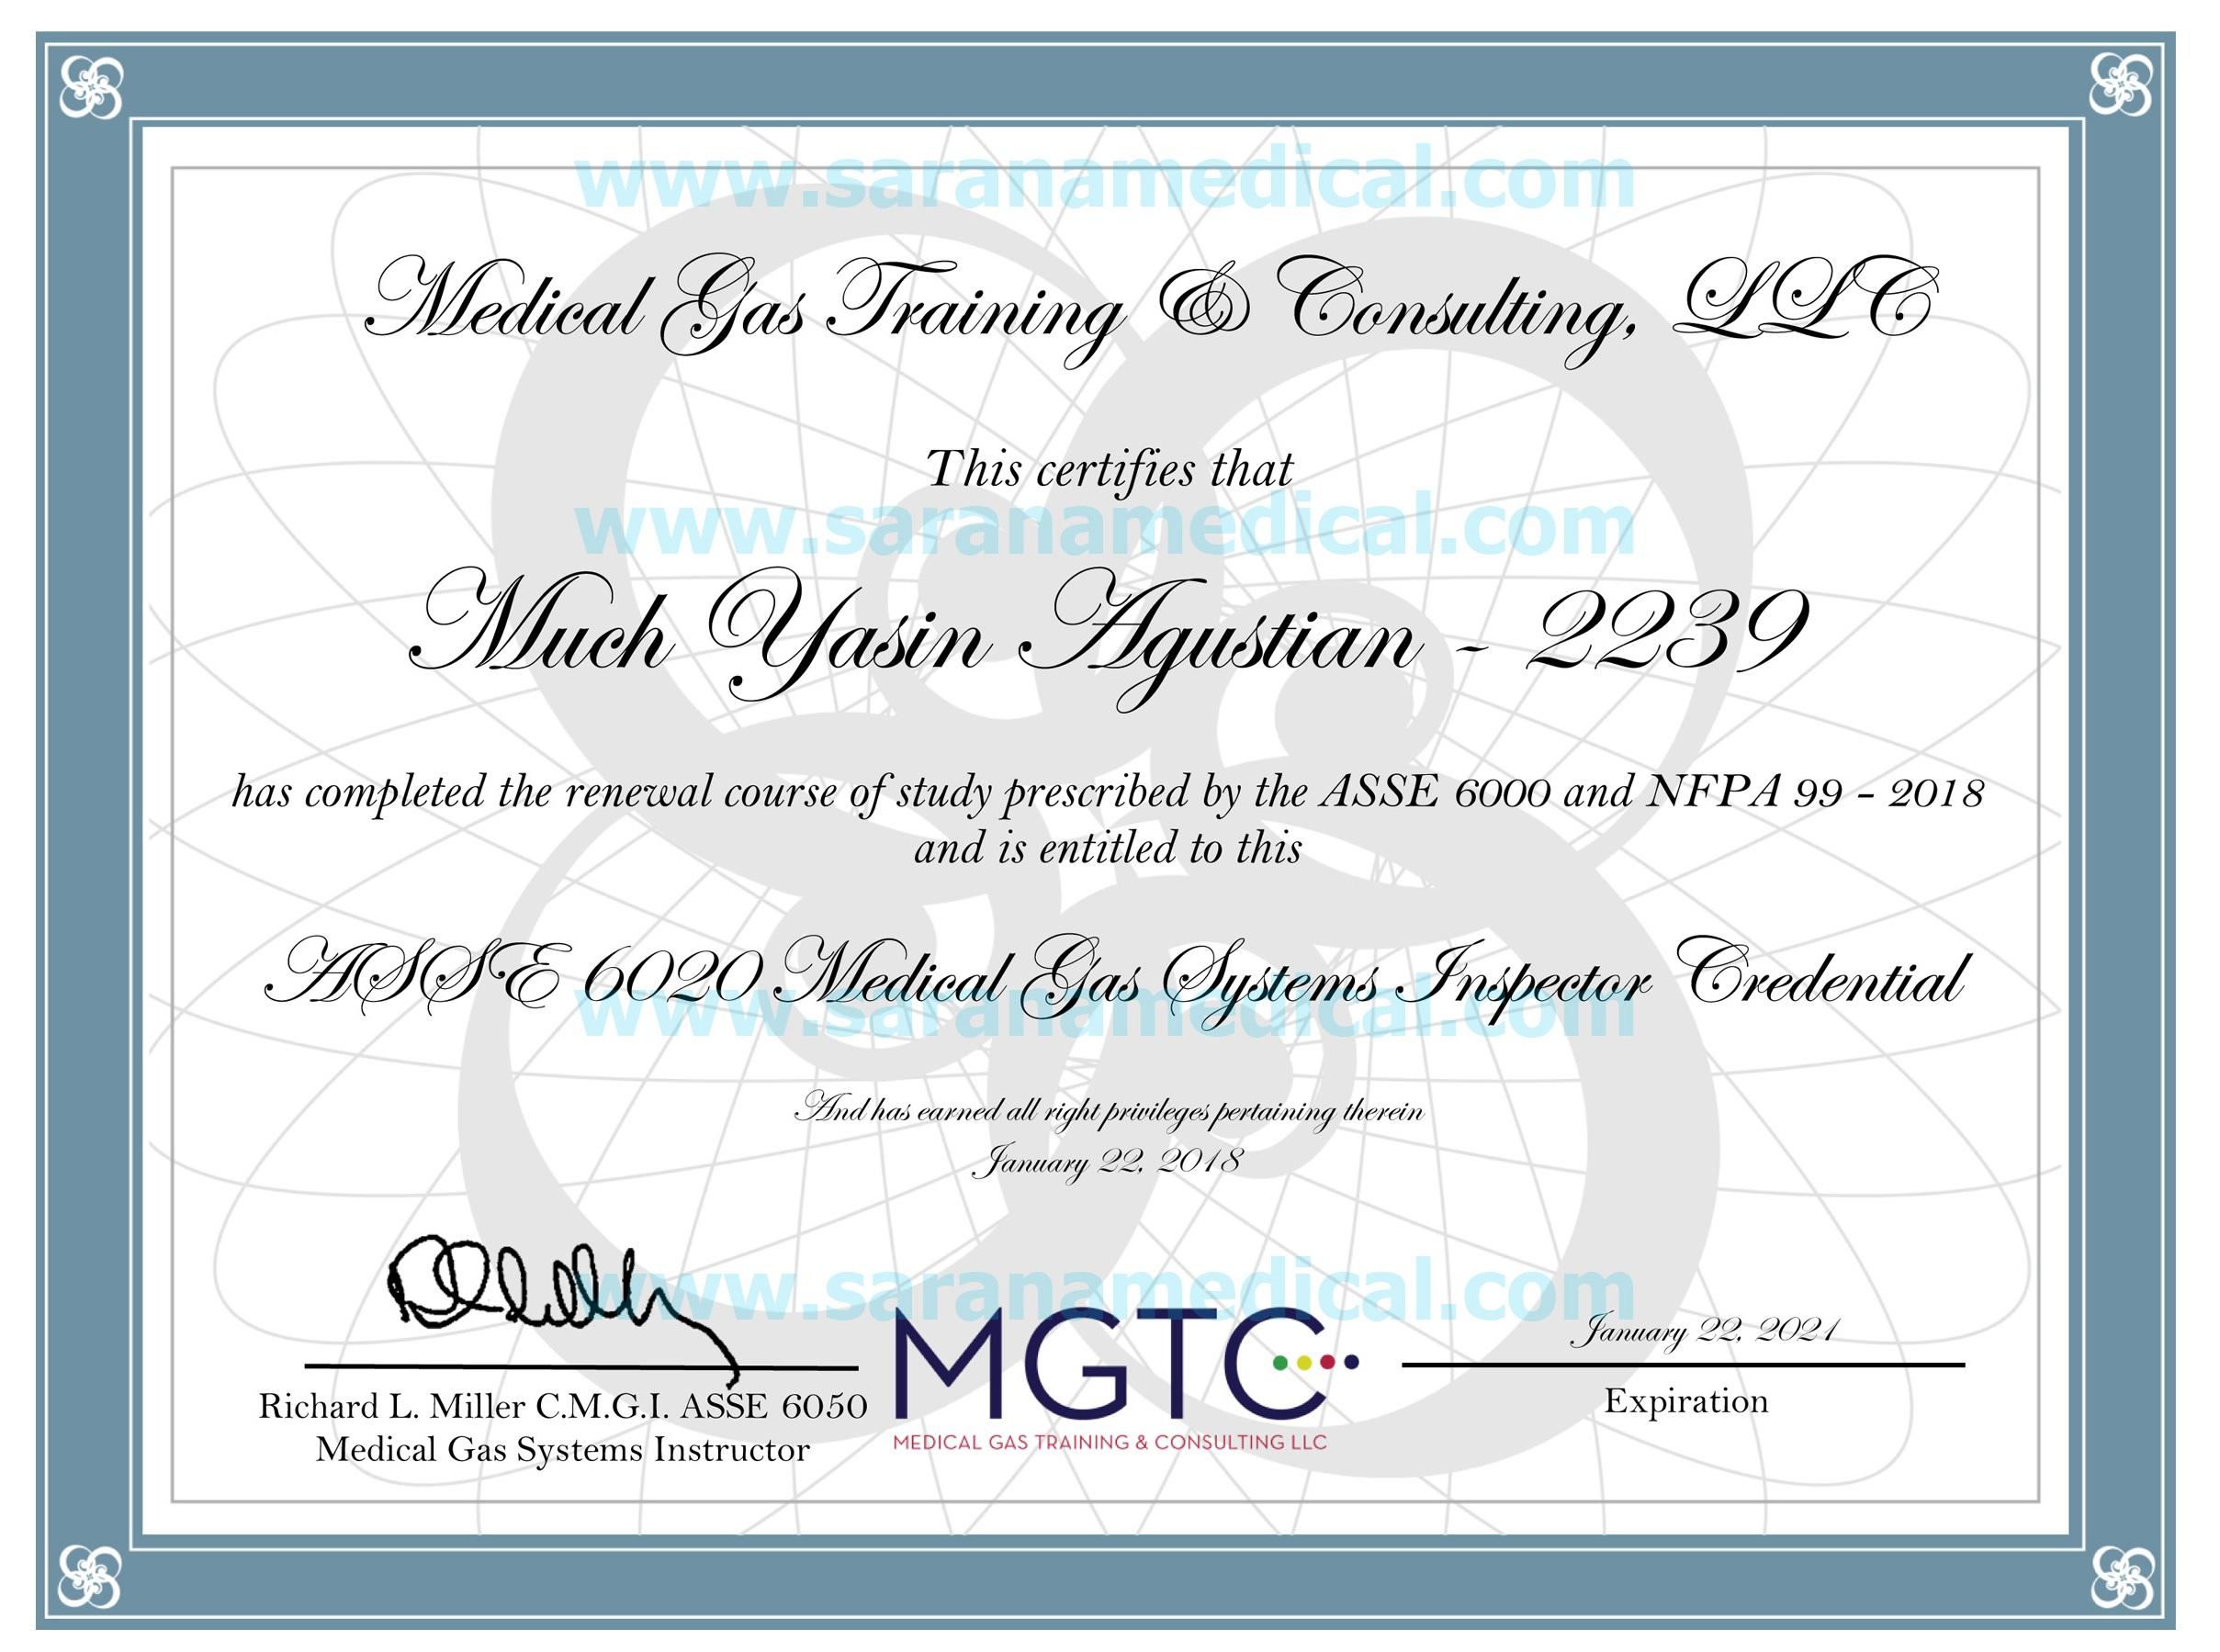 Tenaga ahli gas medis bersertifikat  ASSE 6020 Medical Ga...